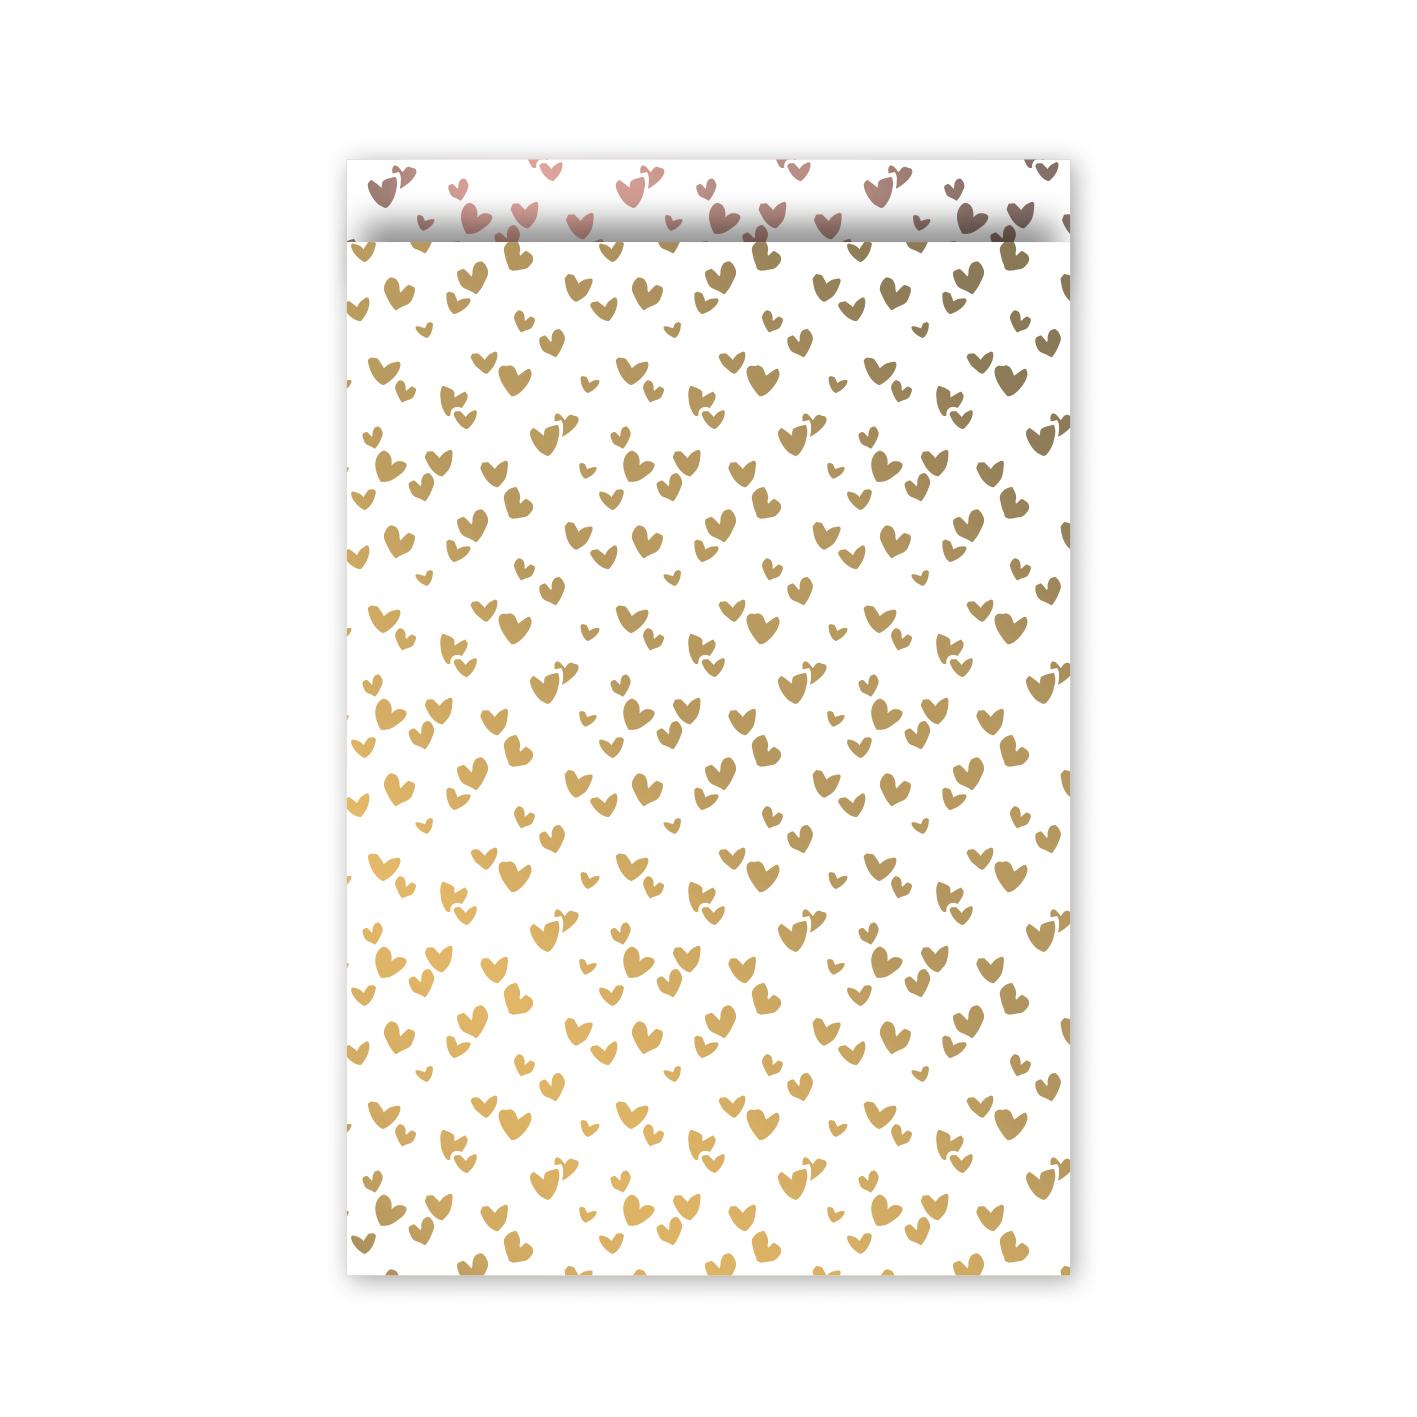 Cadeauzakjes 17x25cm Solo Hearts goud/rose | CollectivWarehouse